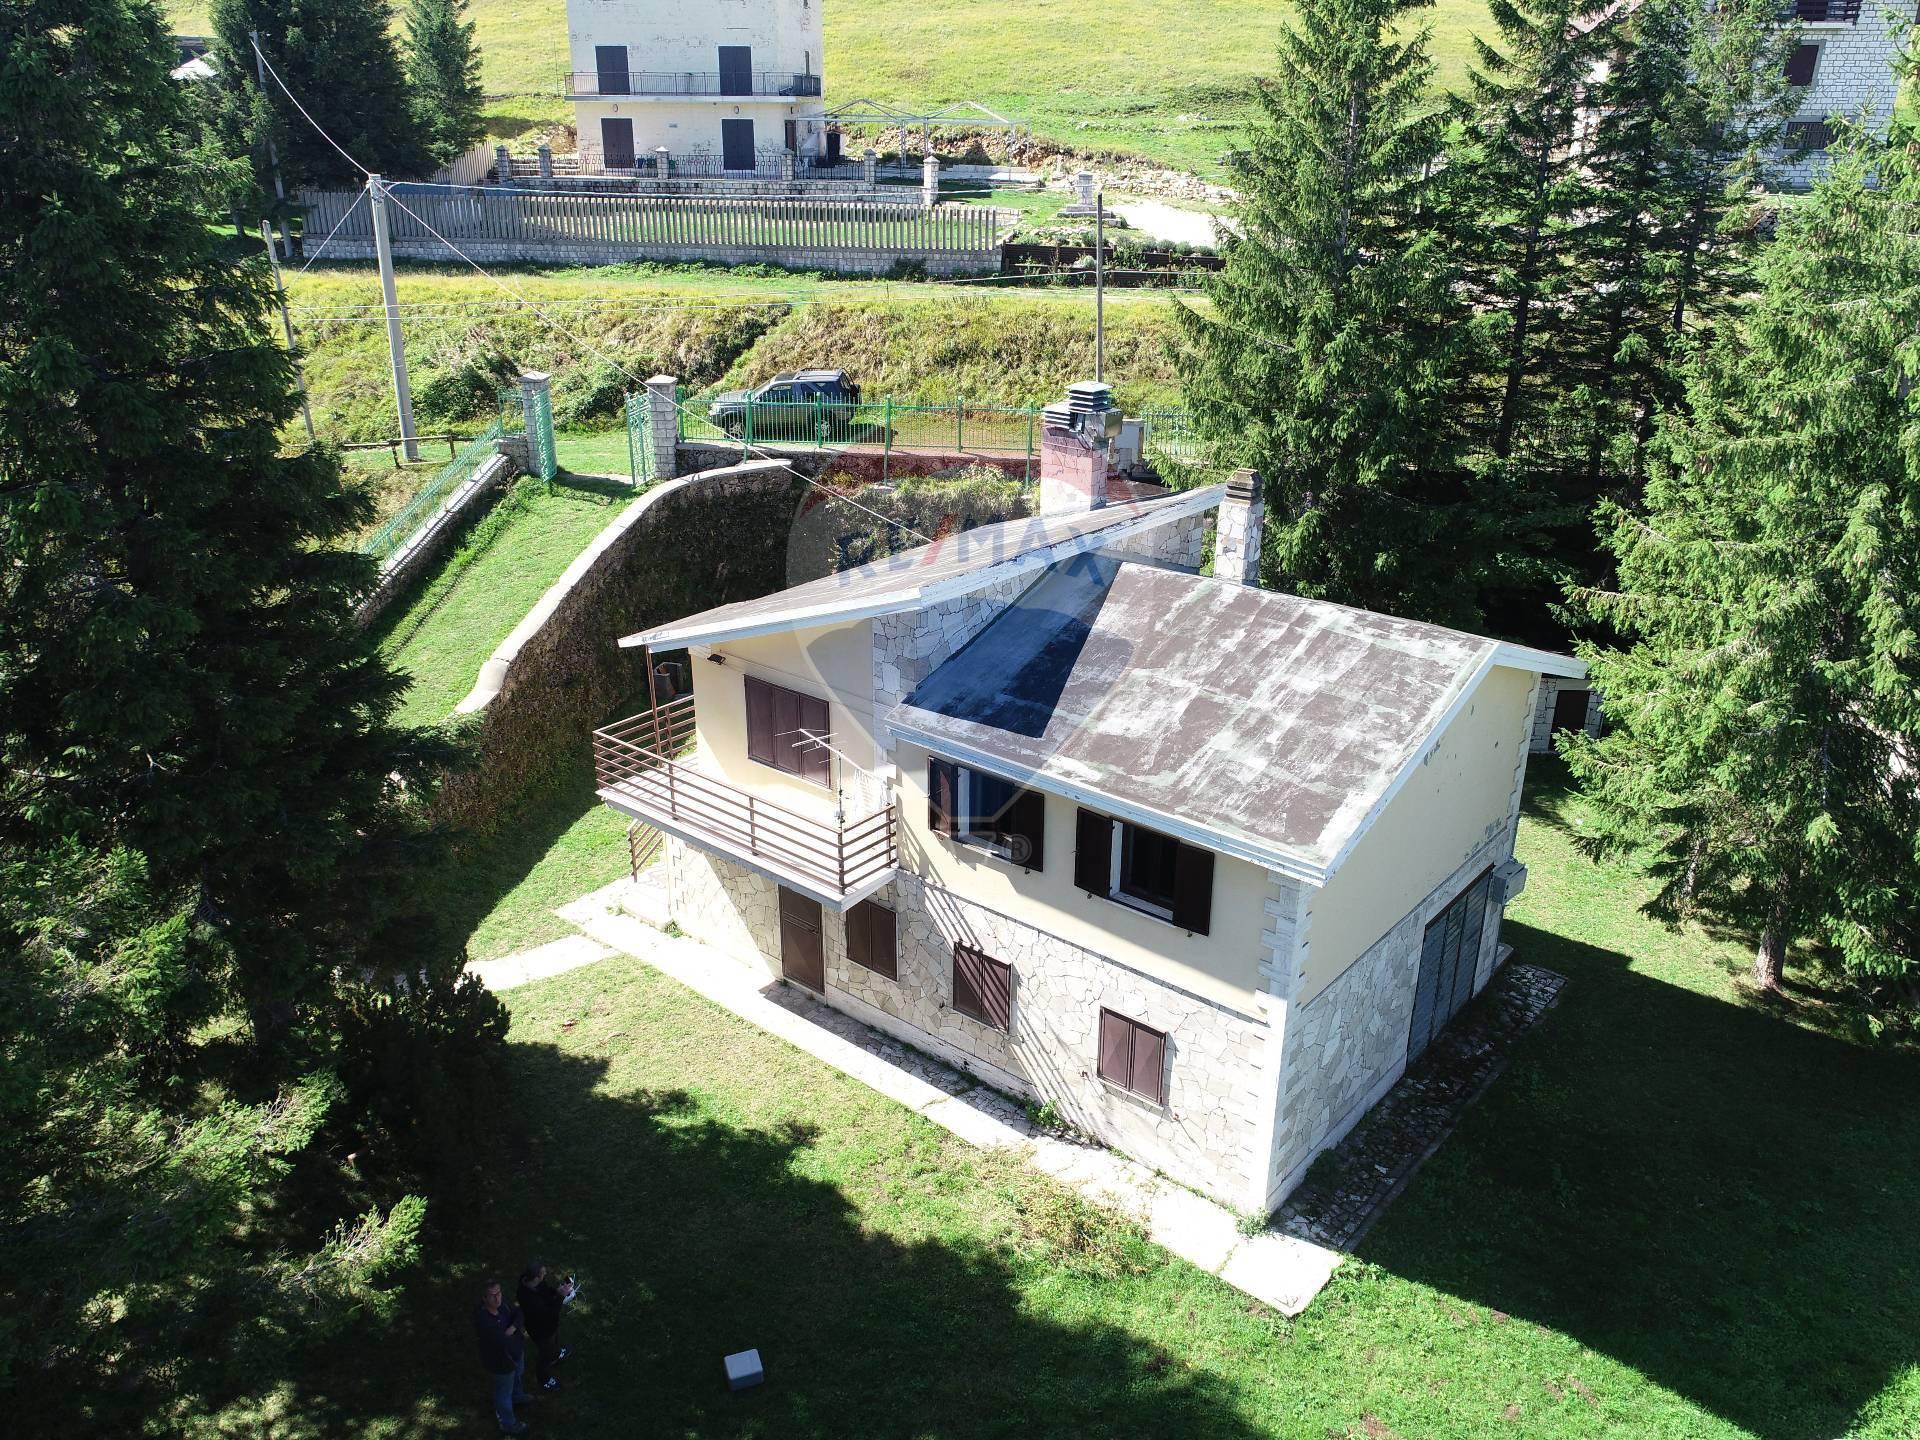 Villa Bifamiliare in vendita a Pretoro, 8 locali, prezzo € 145.000 | CambioCasa.it